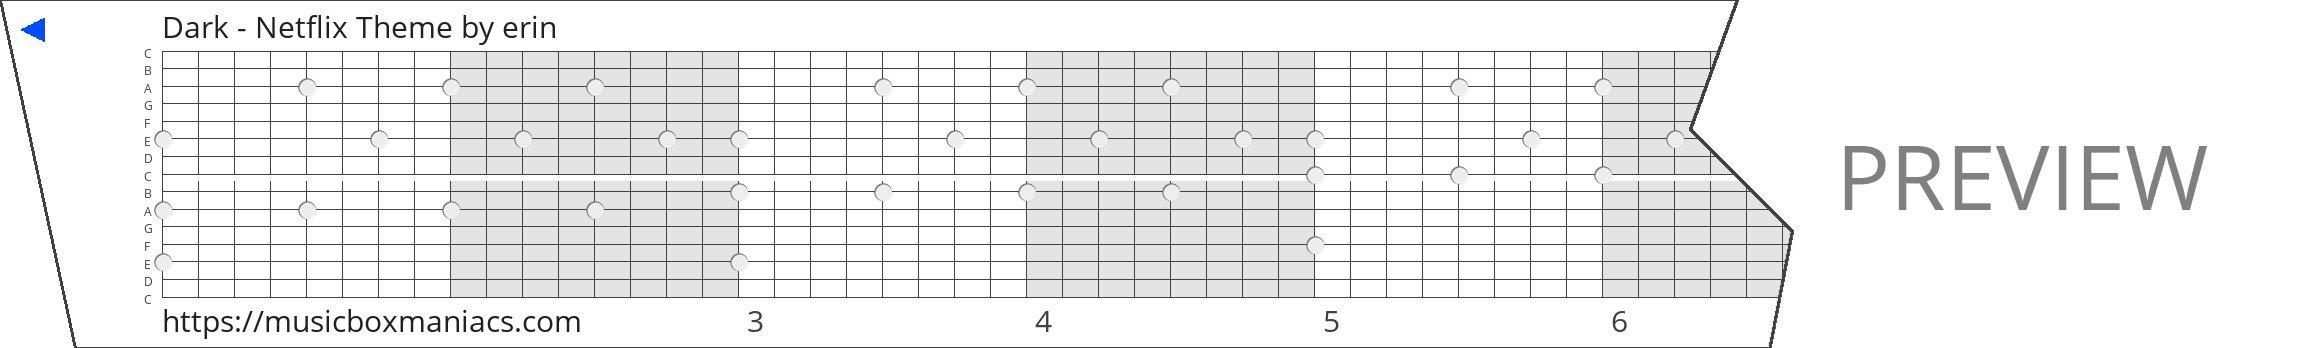 Dark - Netflix Theme 15 note music box paper strip